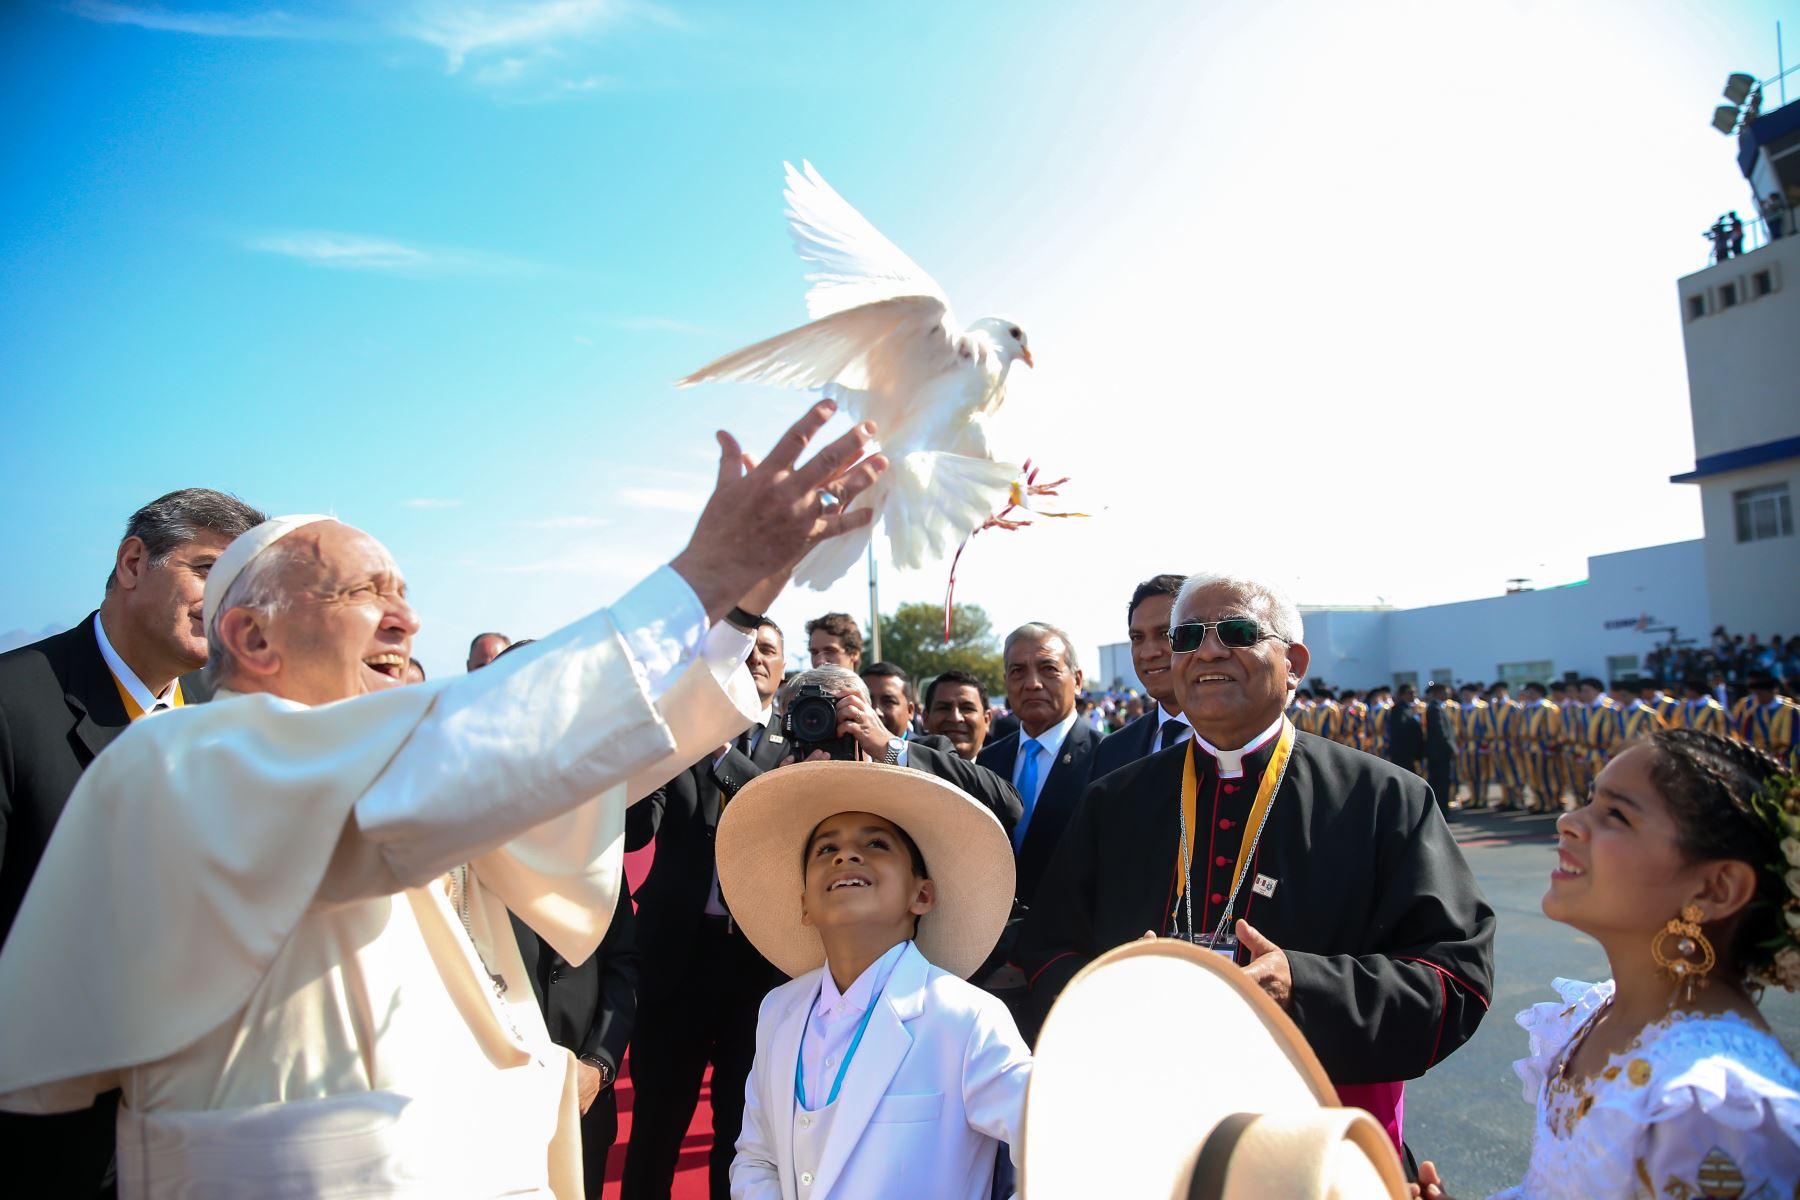 Fotografía tomada el 20 enero 2018 /  Jóvenes trujillanos reciben con marinera al Papa Francisco.  Foto: ANDINA/Juan Carlos Guzmán